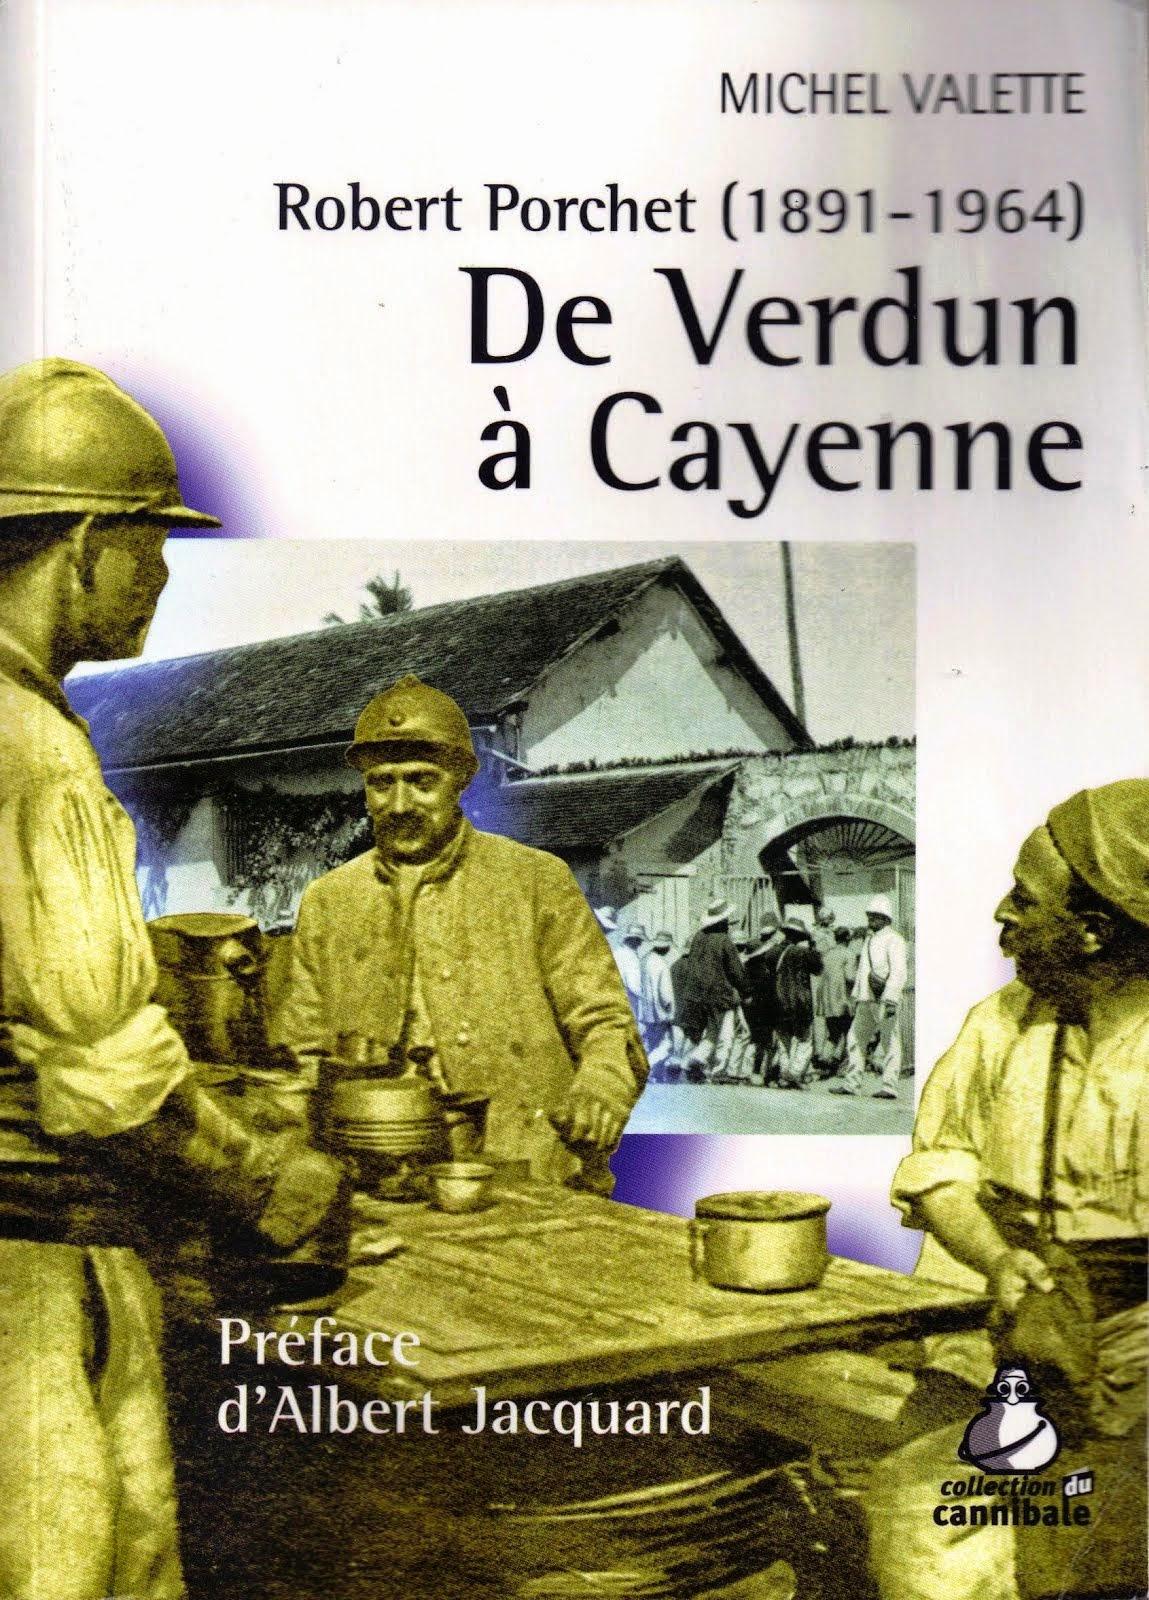 un livre de Michel Valette à découvrir: